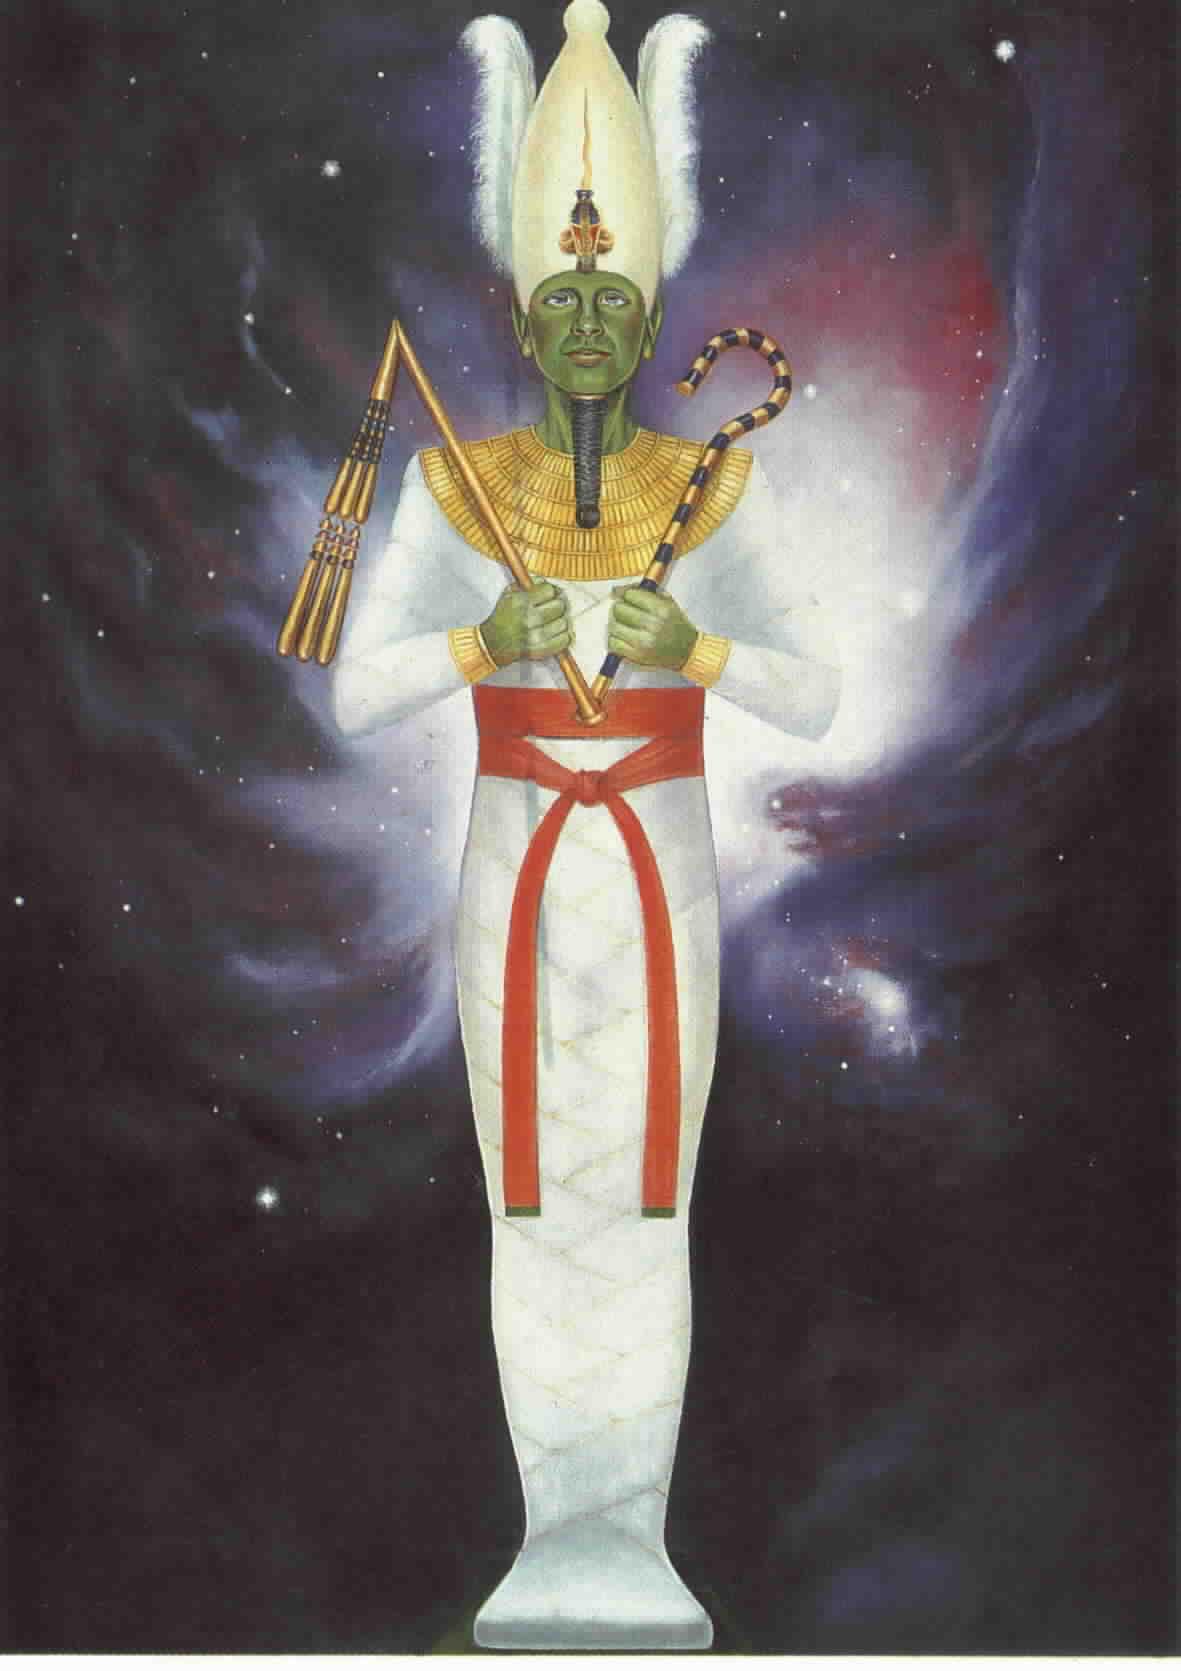 Horóscopo Egípcio Deus Osíris Signo de Escorpião – Previsão para 2012